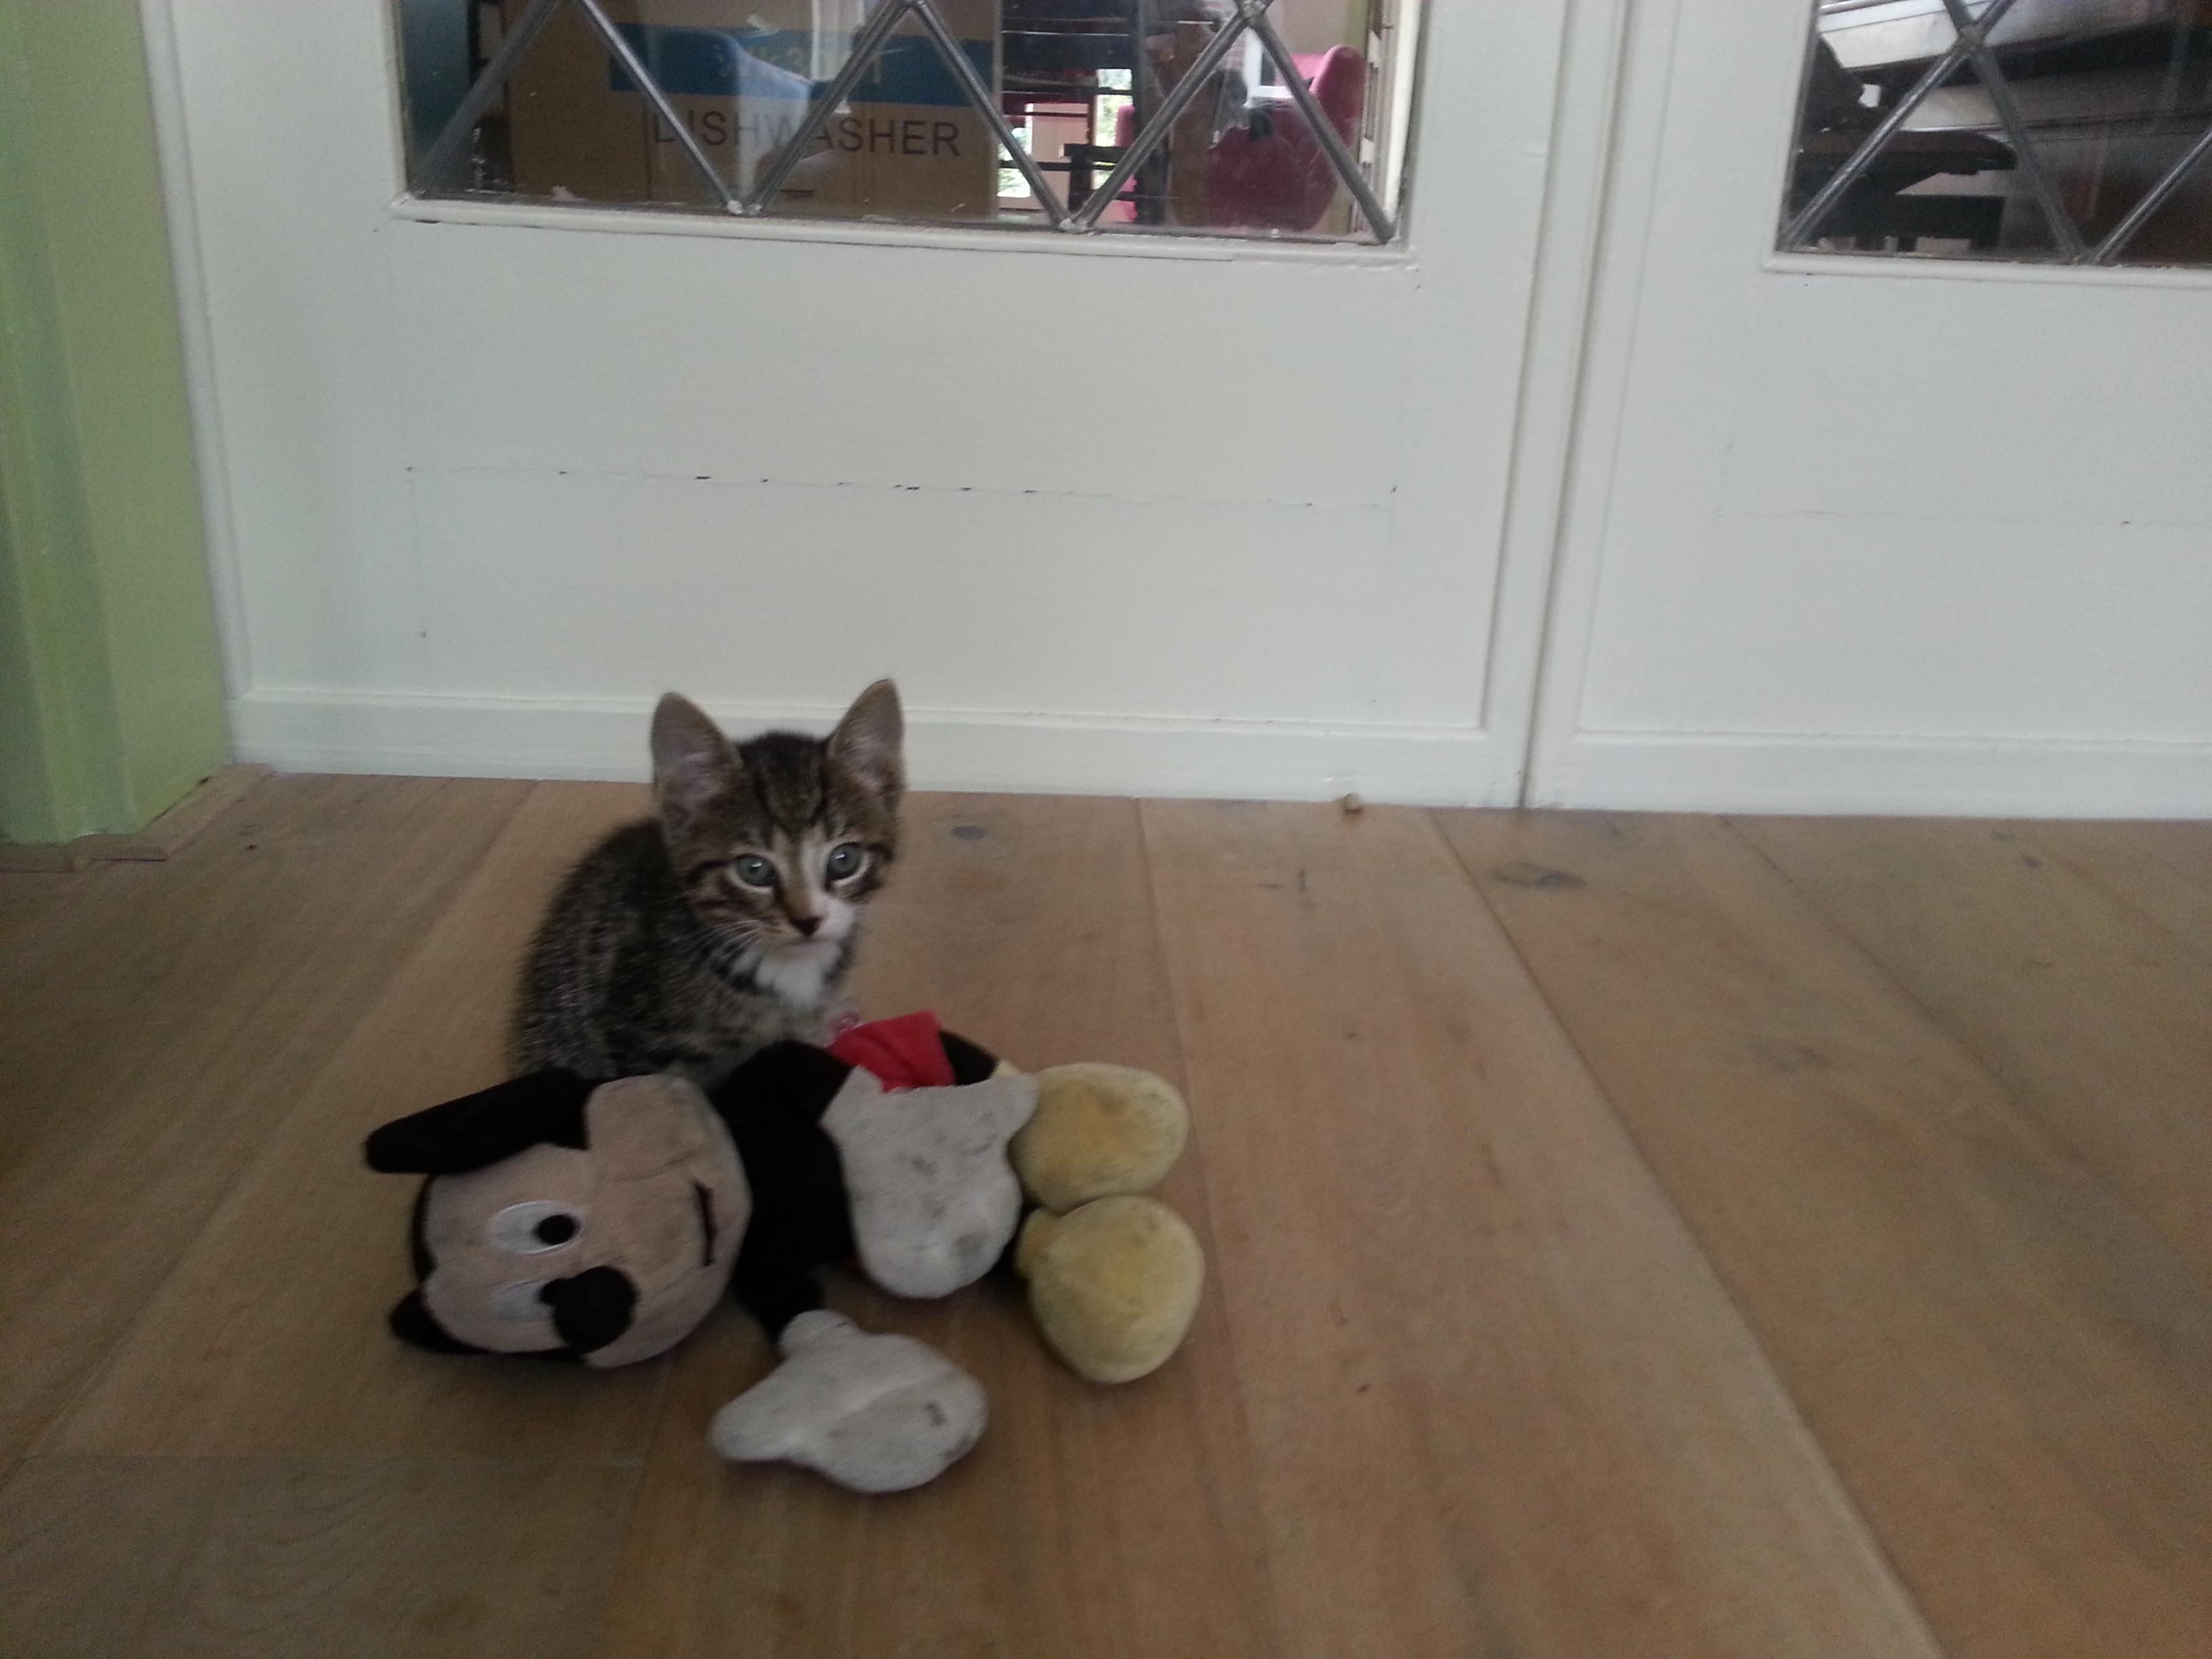 Tijger en Mickey